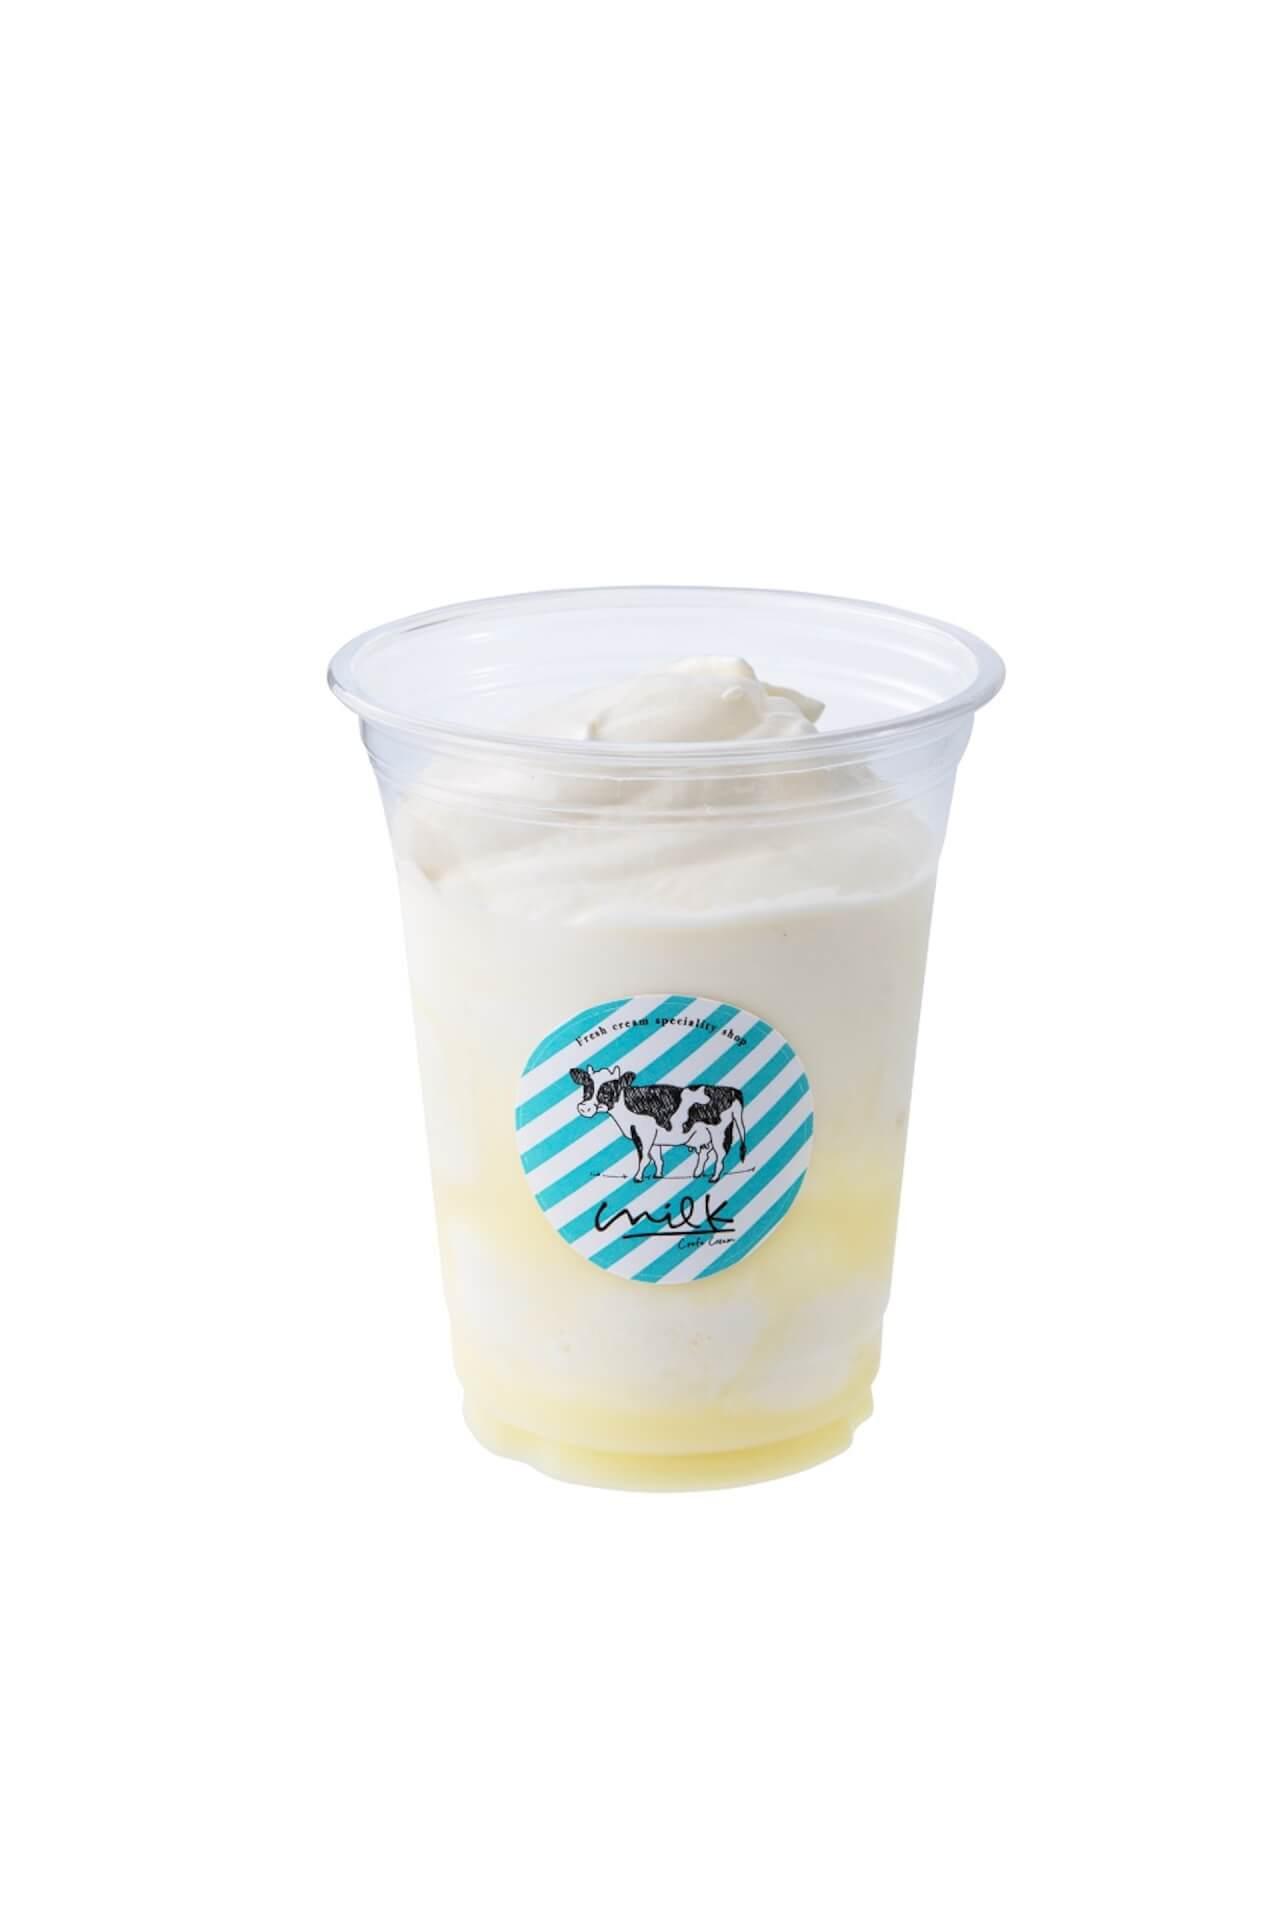 渋谷ミルクがかき氷屋さんに!ふわふわのいちごやマンゴーなどの果物のかき氷が食べ歩きサイズ・夏季限定で新登場 gourmet200709_milk_kakigori_03